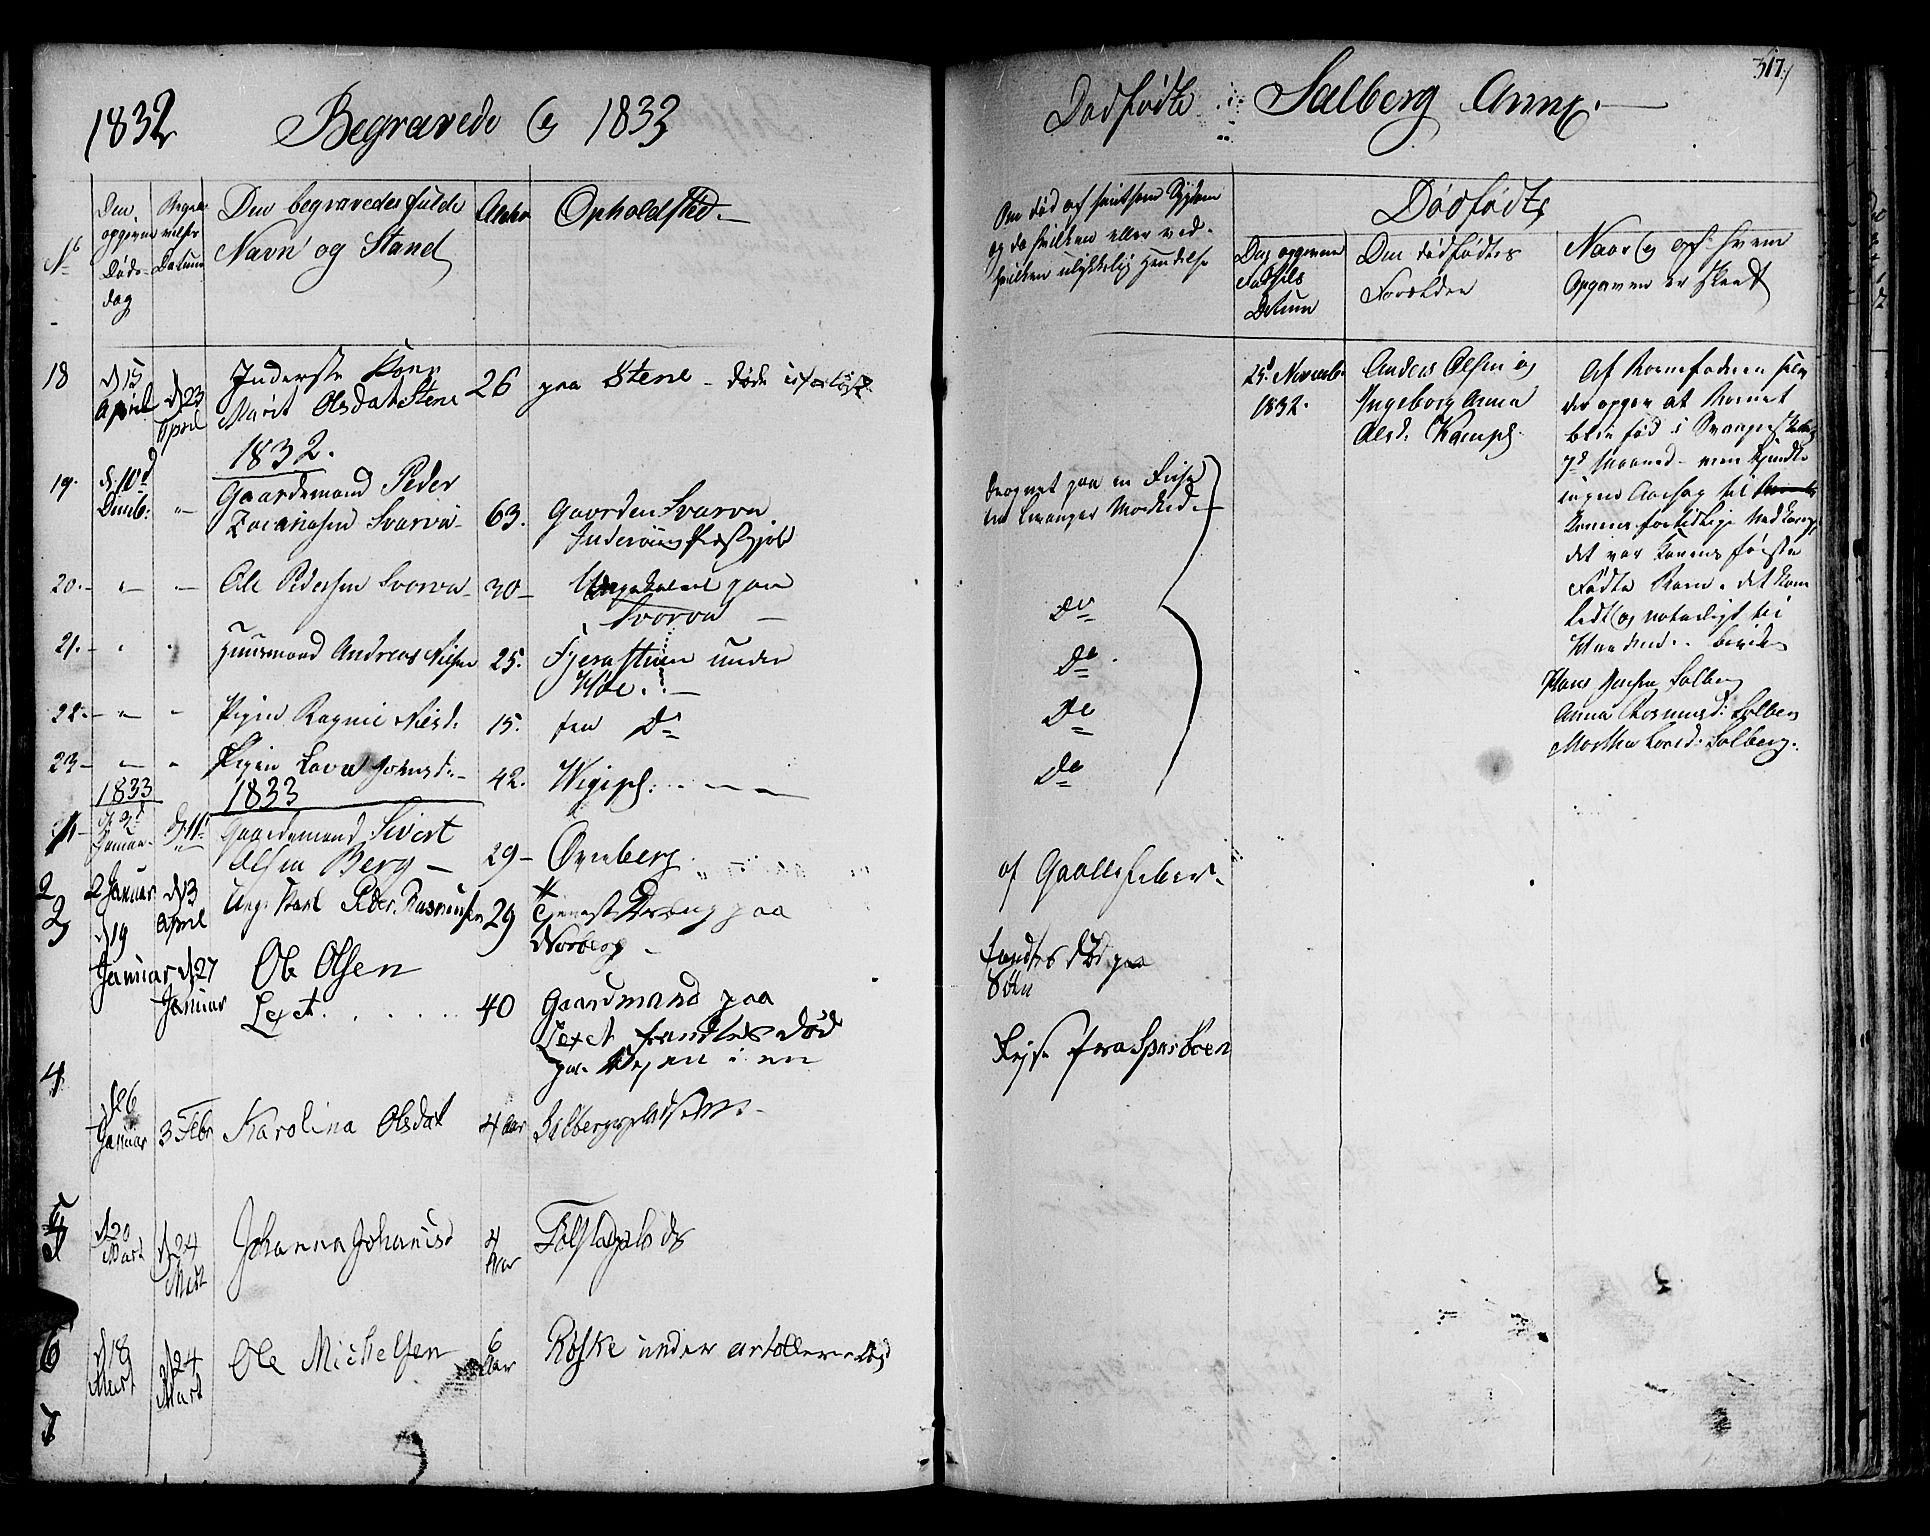 SAT, Ministerialprotokoller, klokkerbøker og fødselsregistre - Nord-Trøndelag, 730/L0277: Ministerialbok nr. 730A06 /2, 1831-1839, s. 317